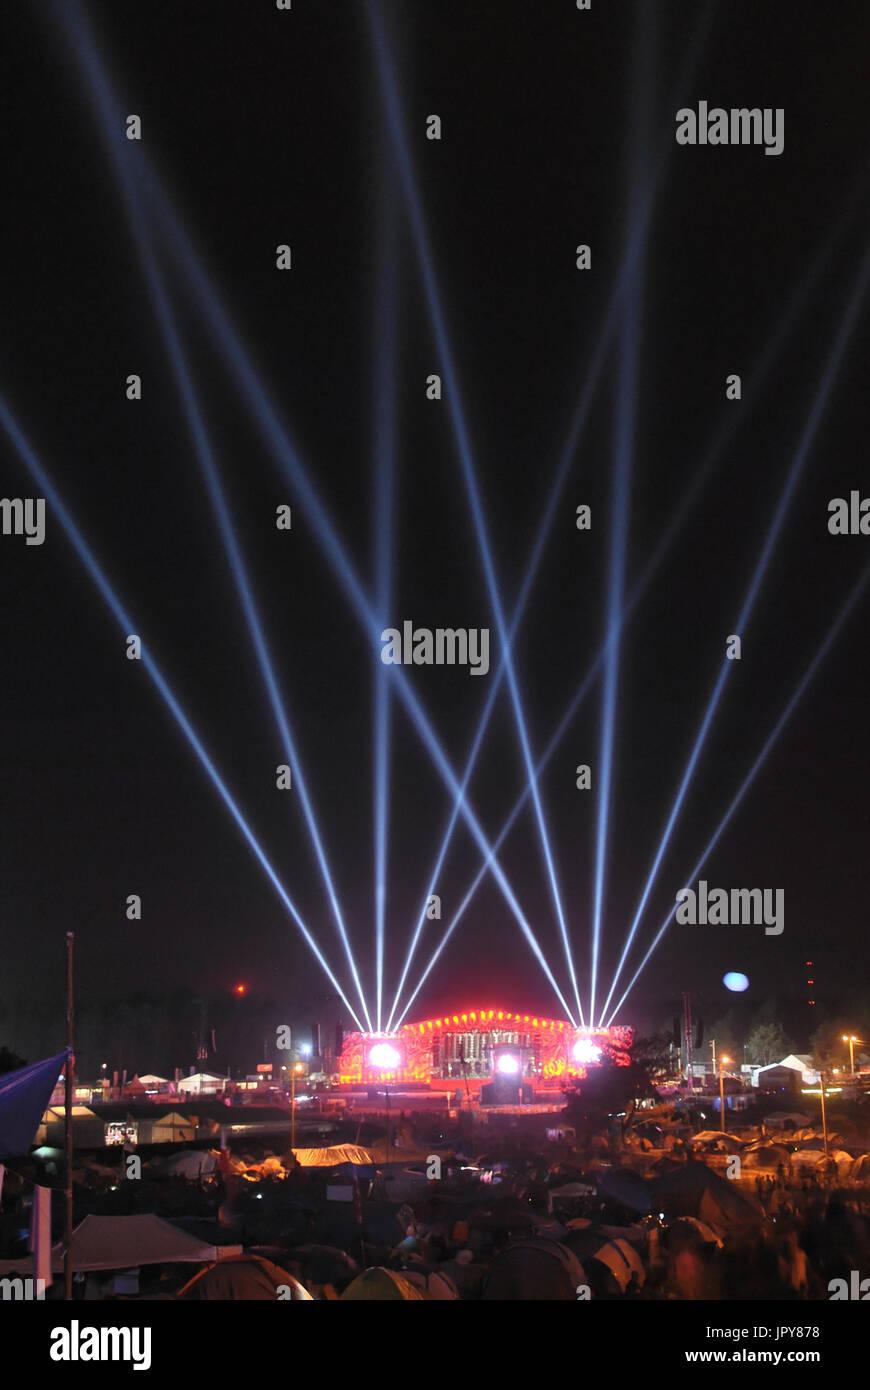 Kostrzyn nad Odra, Polonia. 02Nd Agosto, 2017. El escenario principal del 23º Festival de Woodstock en Polonia (galardonado con el premio de la industria internacional de la música) la noche antes del comienzo oficial. Crédito: Tomasz Wozny/Alamy Live News Imagen De Stock